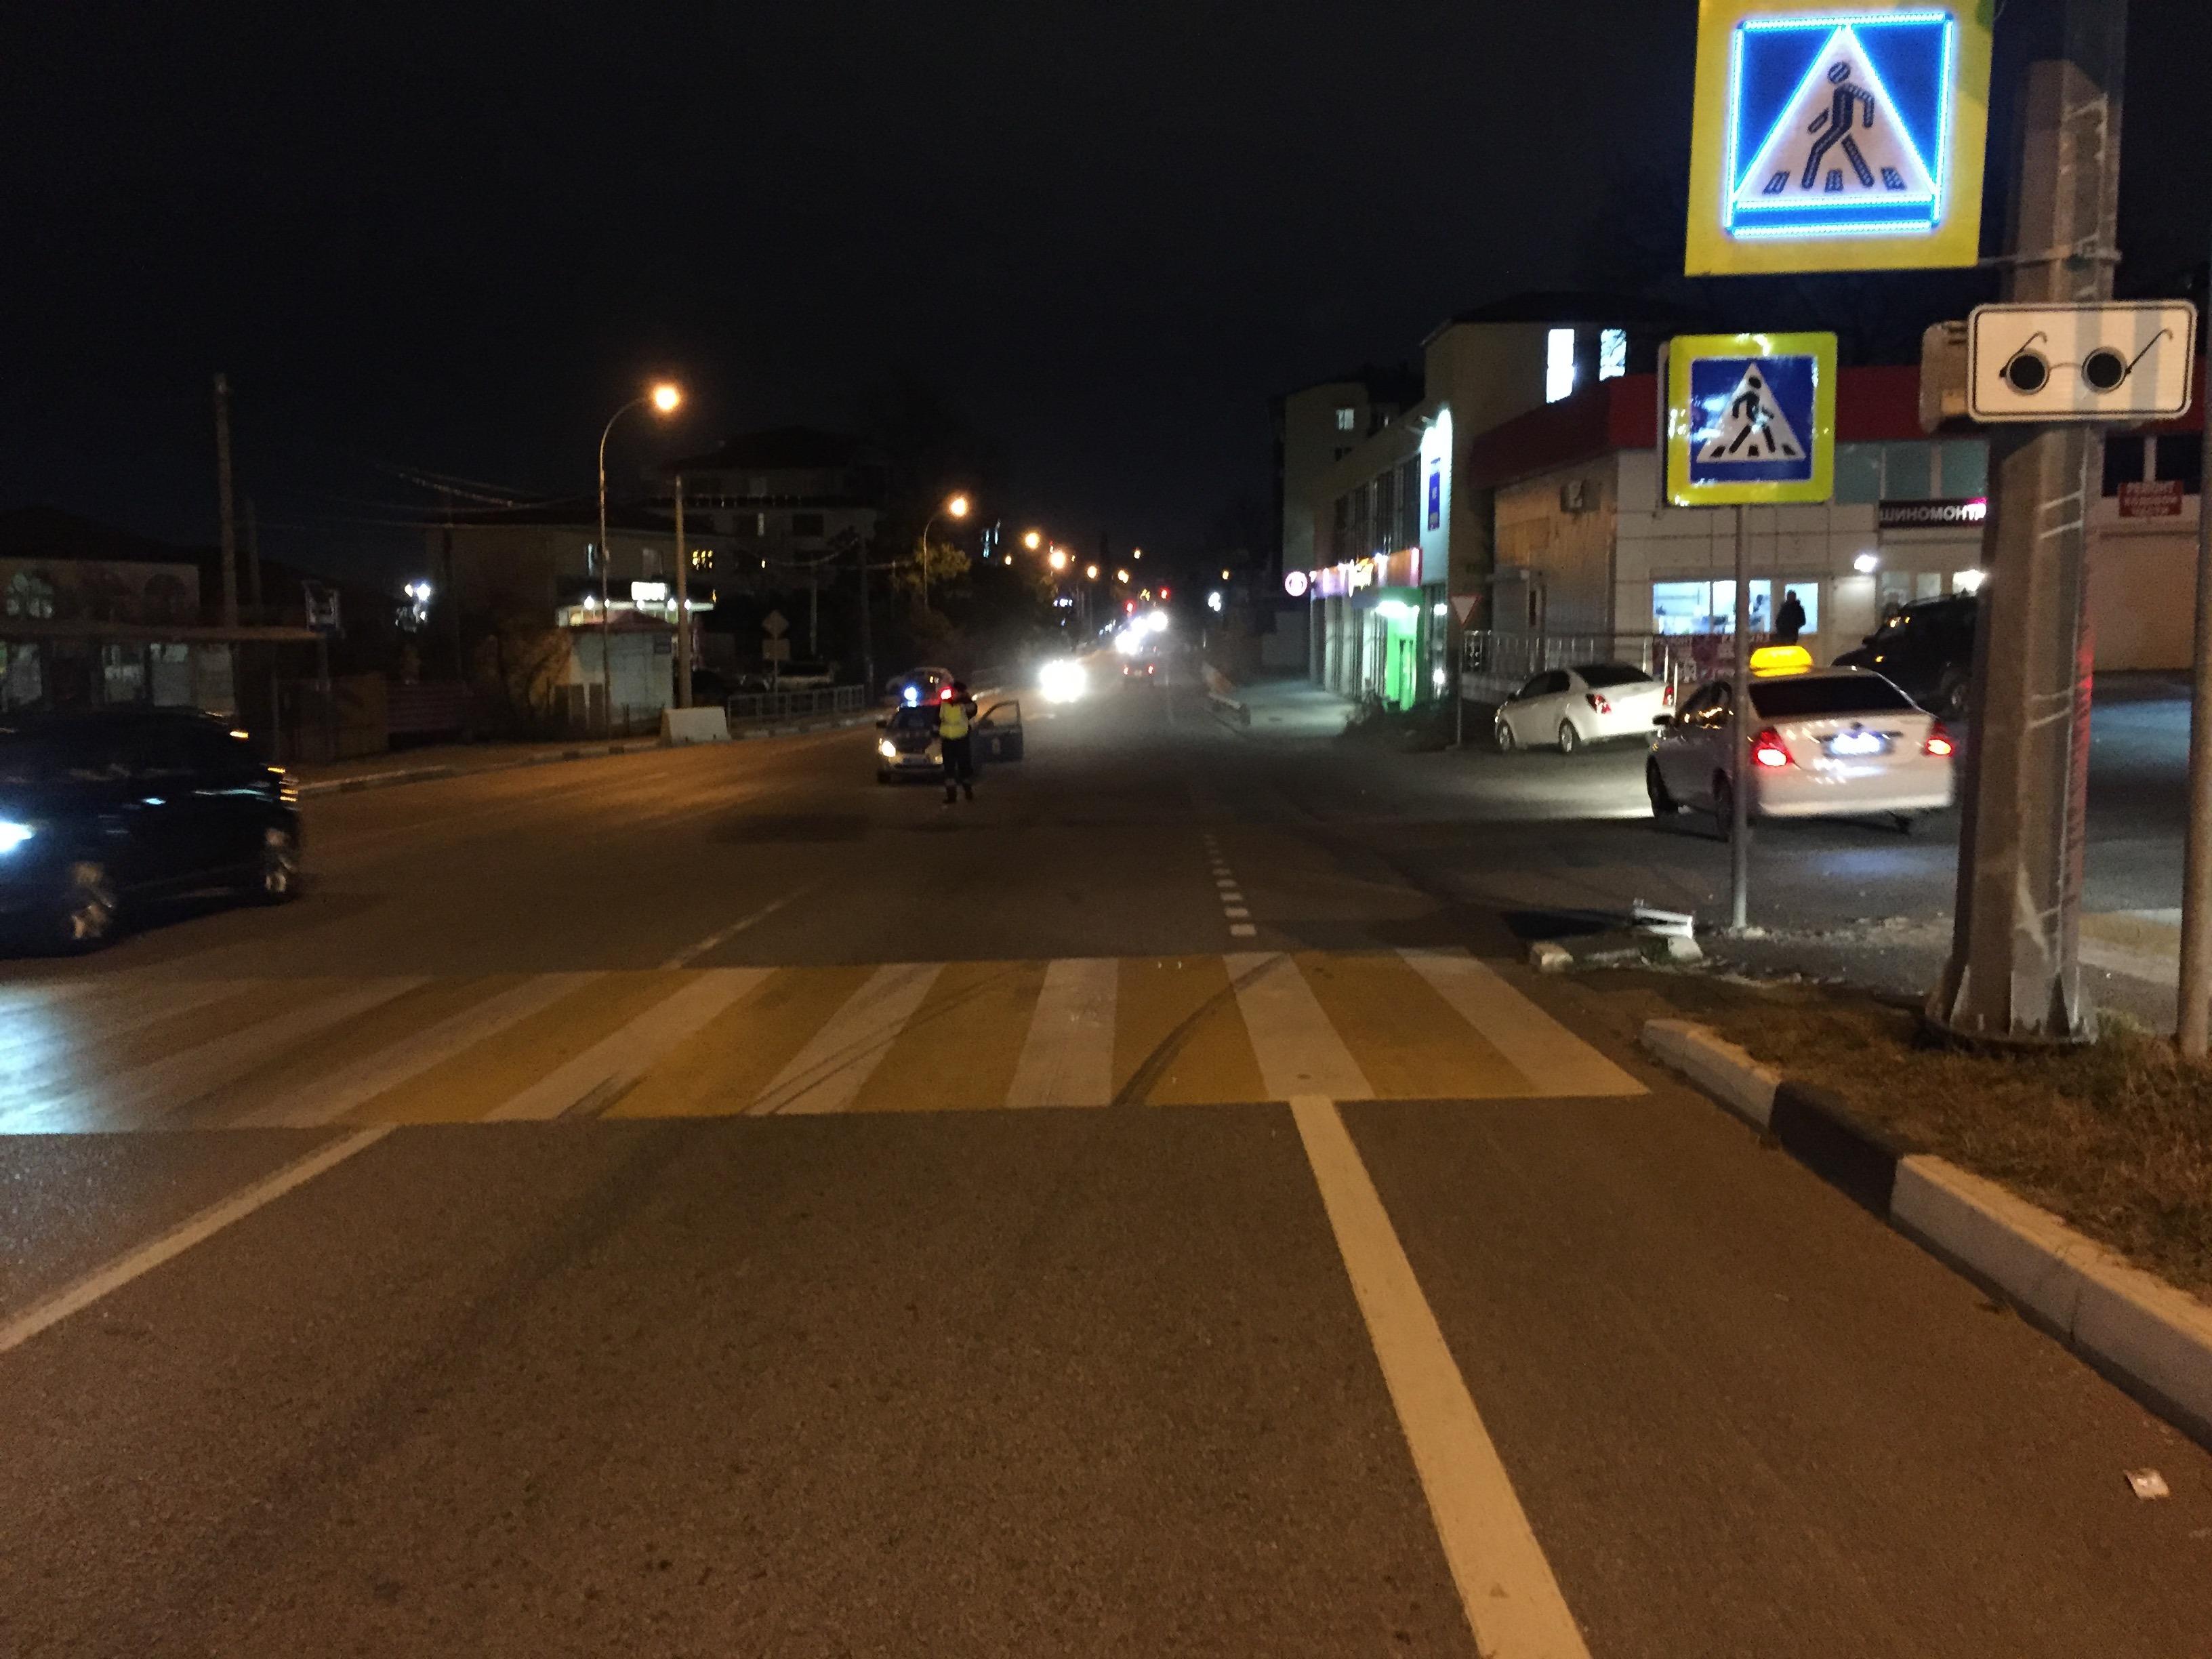 Ономастическая комиссия вынесла заключение по поводу переименований улиц ряда областных городов